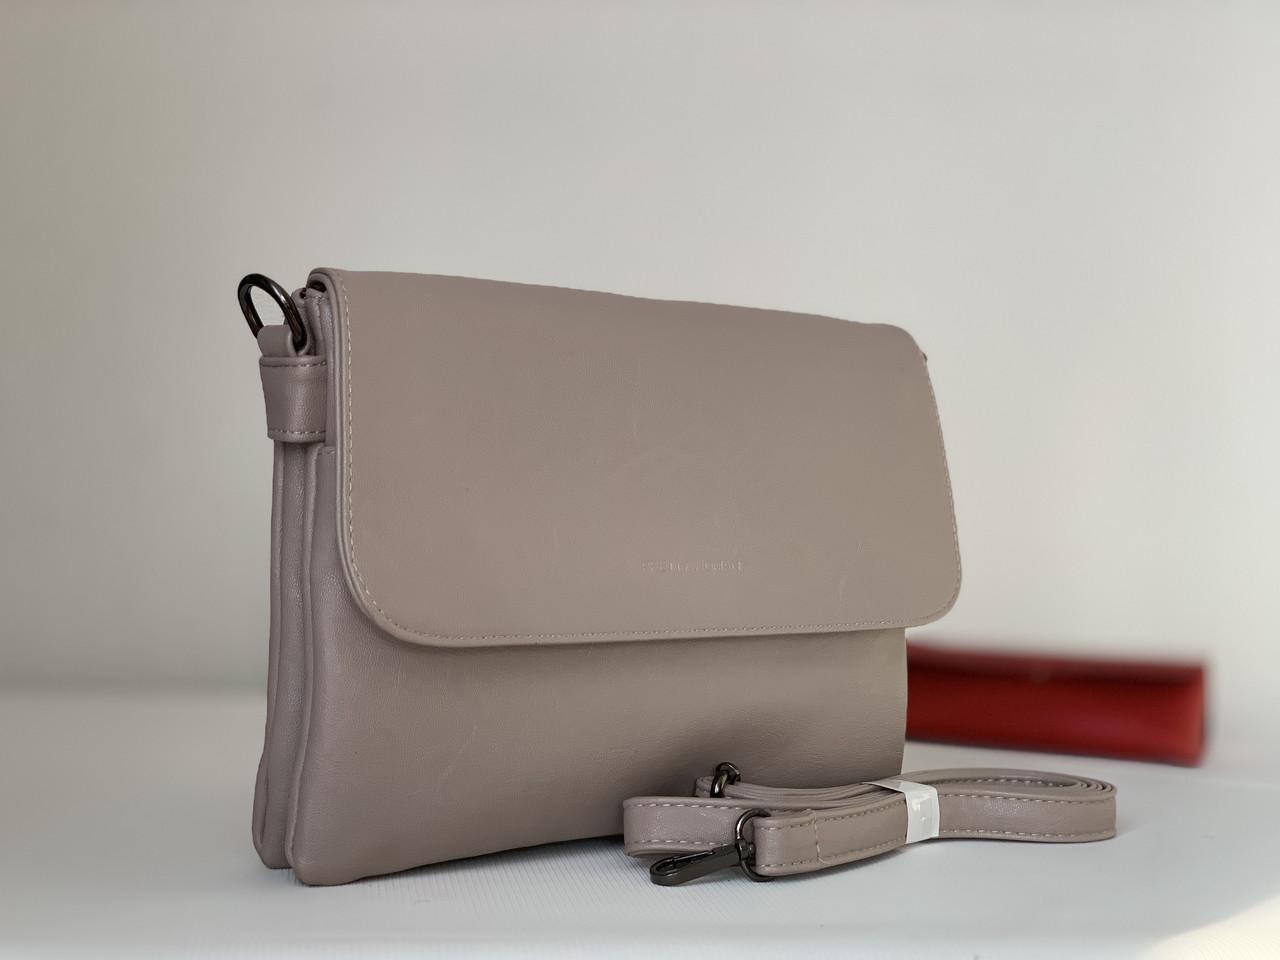 Женская сумка клатч небольшой цвета кофе с молоком Pretty Woman через плечо